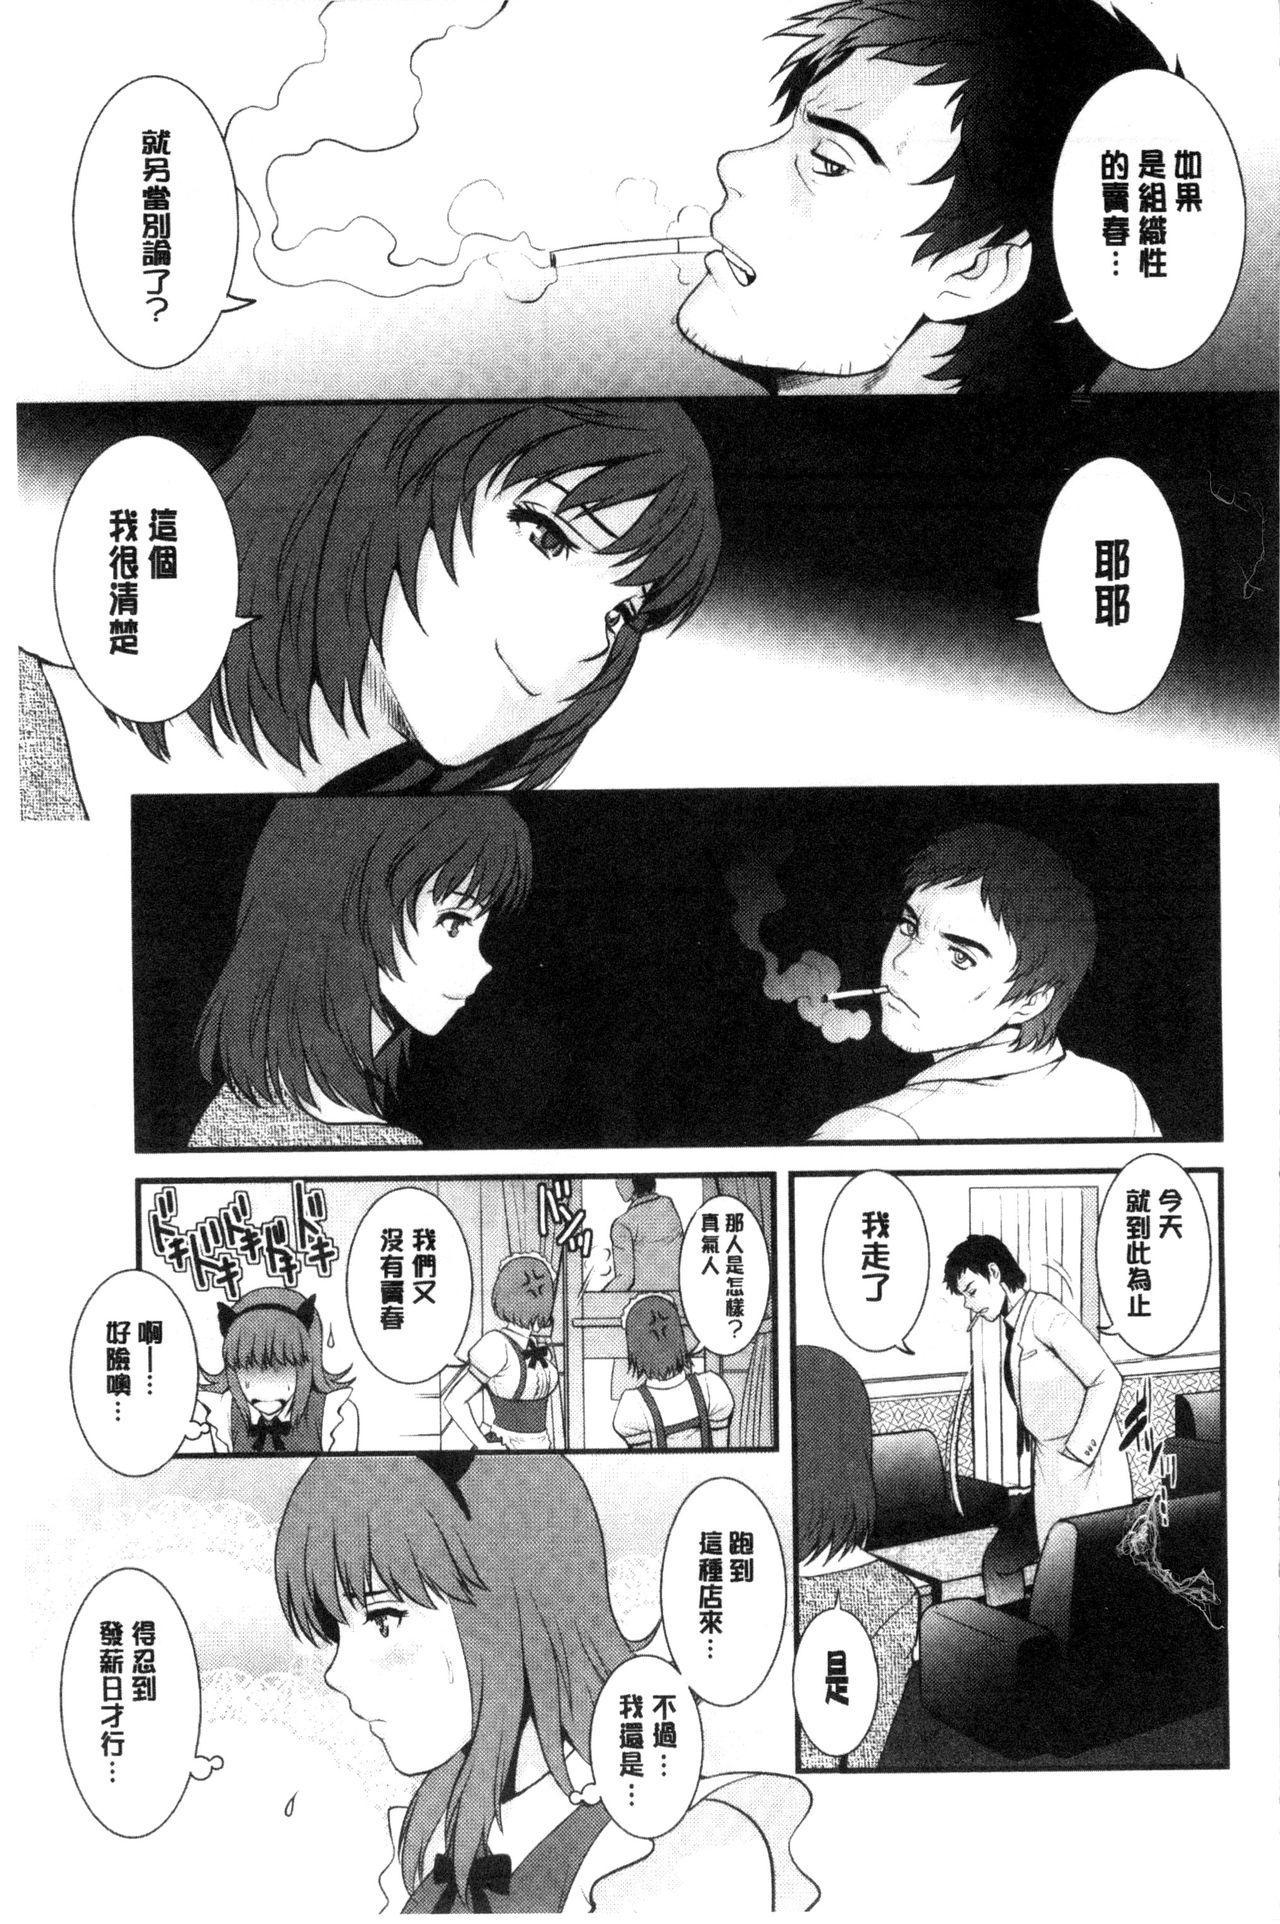 [Saigado] Part Time Manaka-san Wakazuma Enjokousai-ki | 兼職打工的愛花小姐 [Chinese] 25